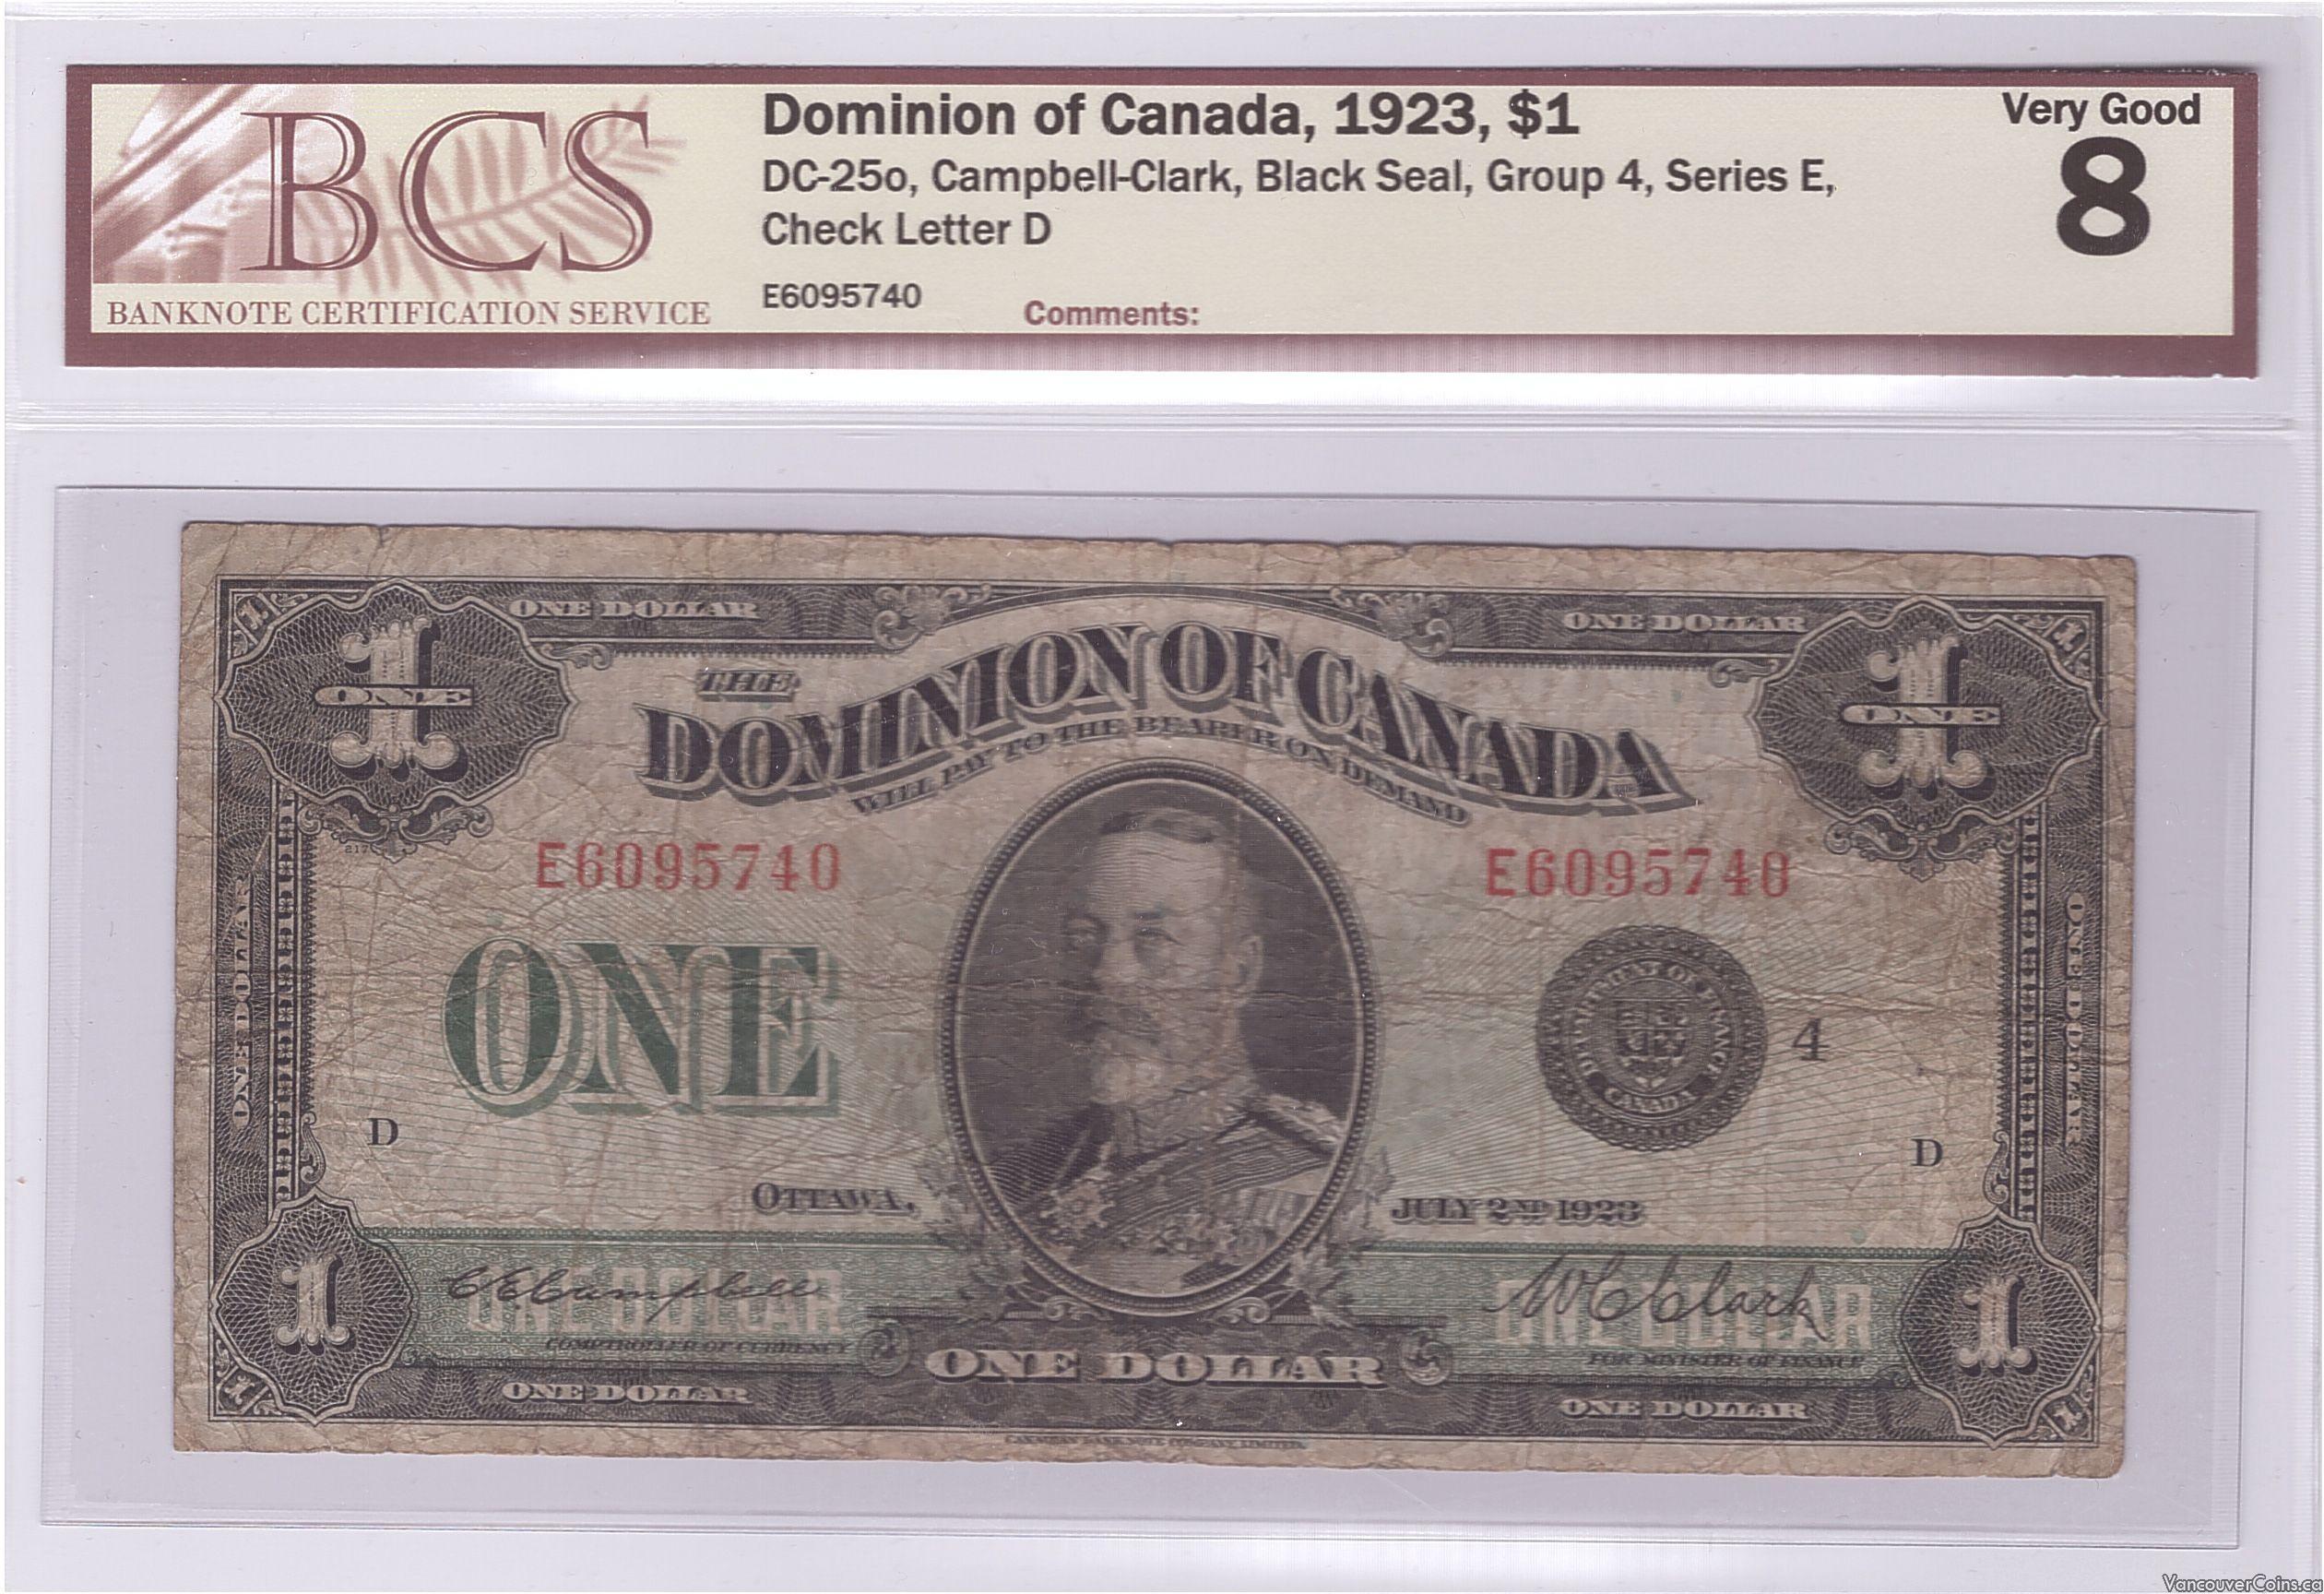 1923 Dominion of Canada $1.00